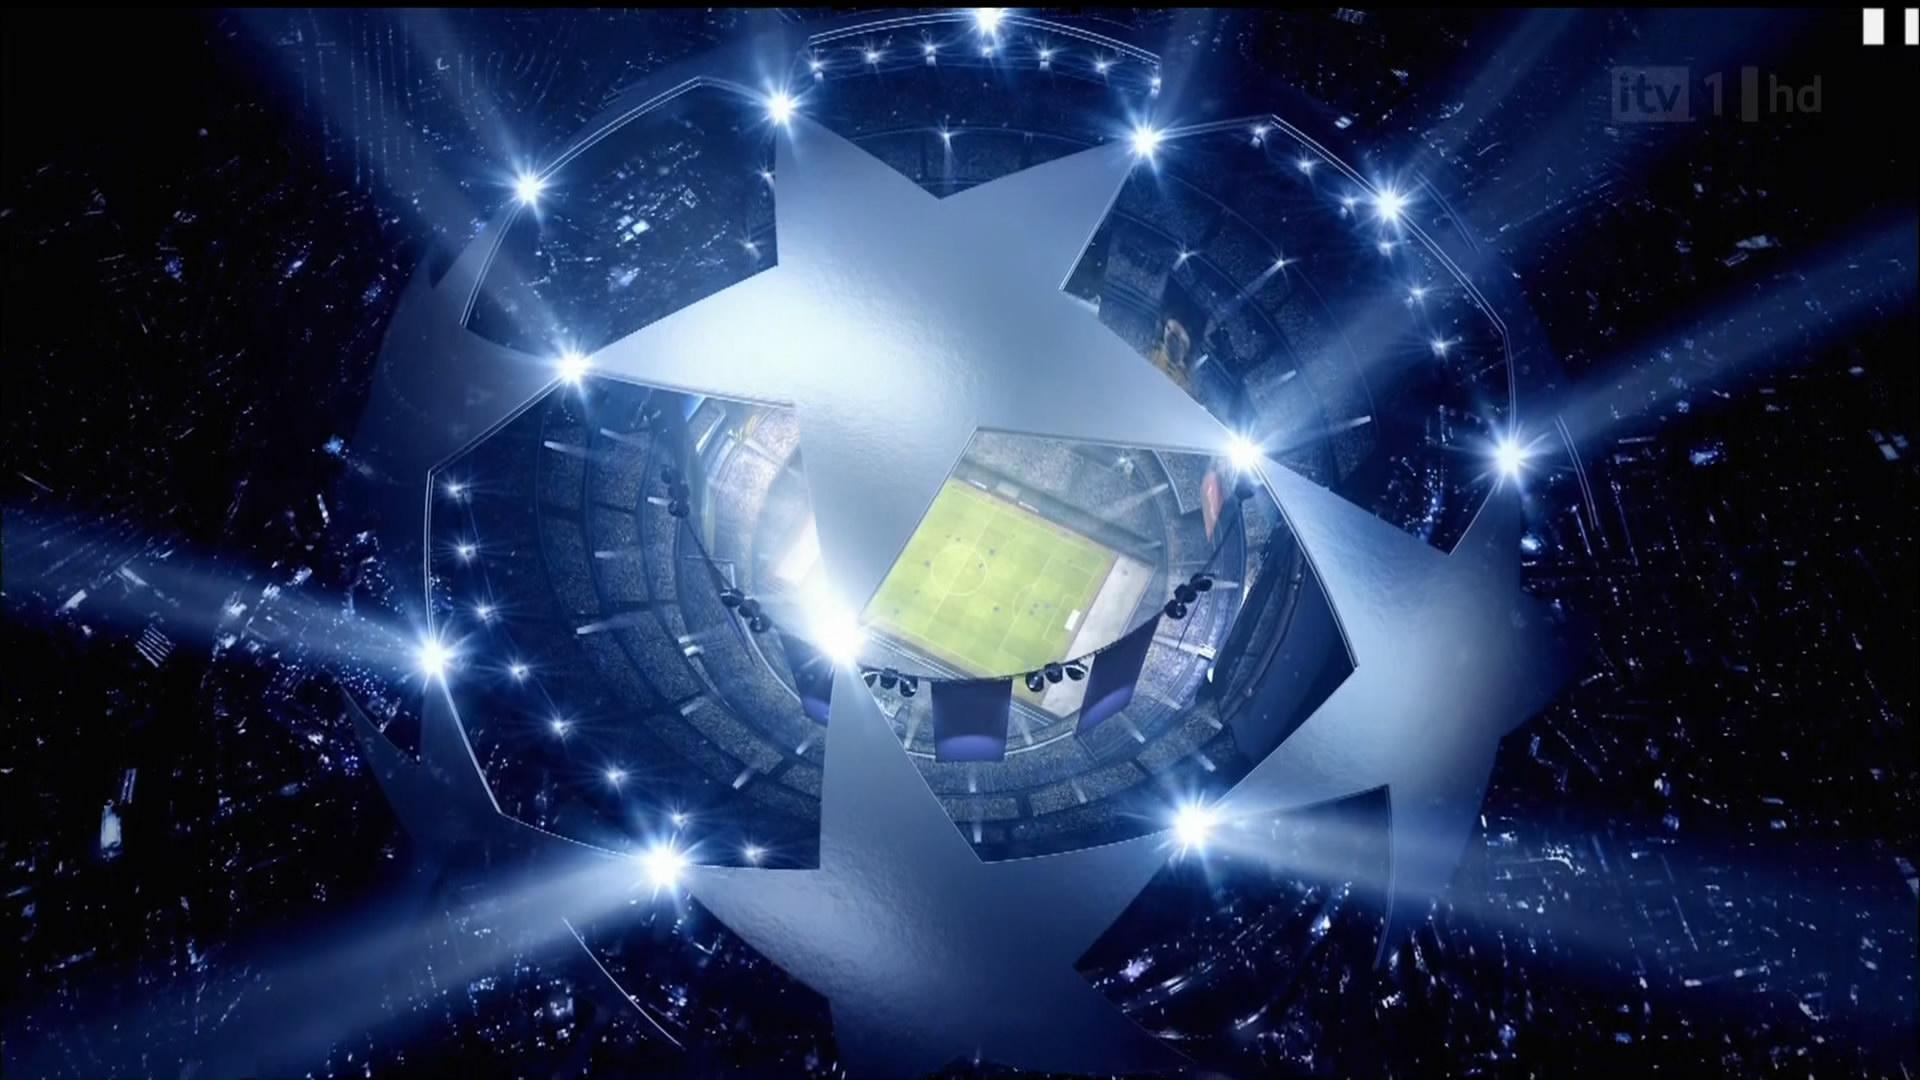 Los 10 mejores partidos de la historia de la Champions League según The Guardian